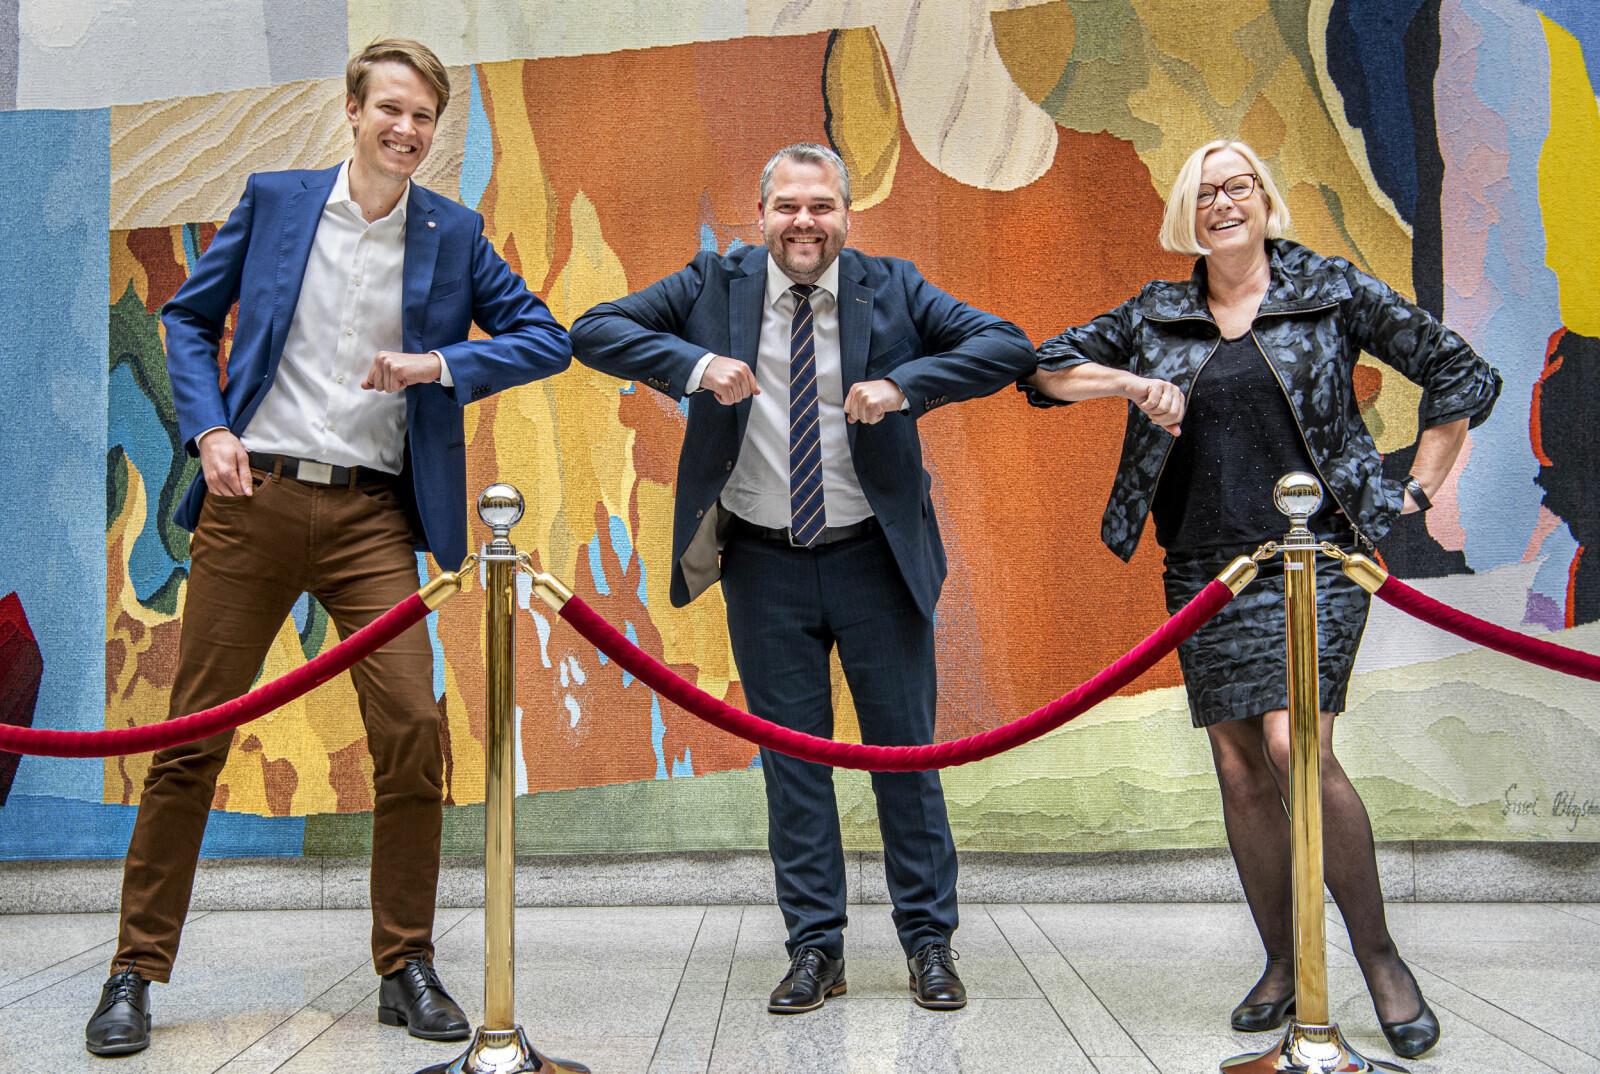 Relevanskameratane feirar på Stortinget etter fleirtal for det dei meiner er eit relevant vedtak. Frå venstre: Torstein Tvedt Solberg (Ap), Roy Steffensen (Frp), og Marit Arnstad (Sp).